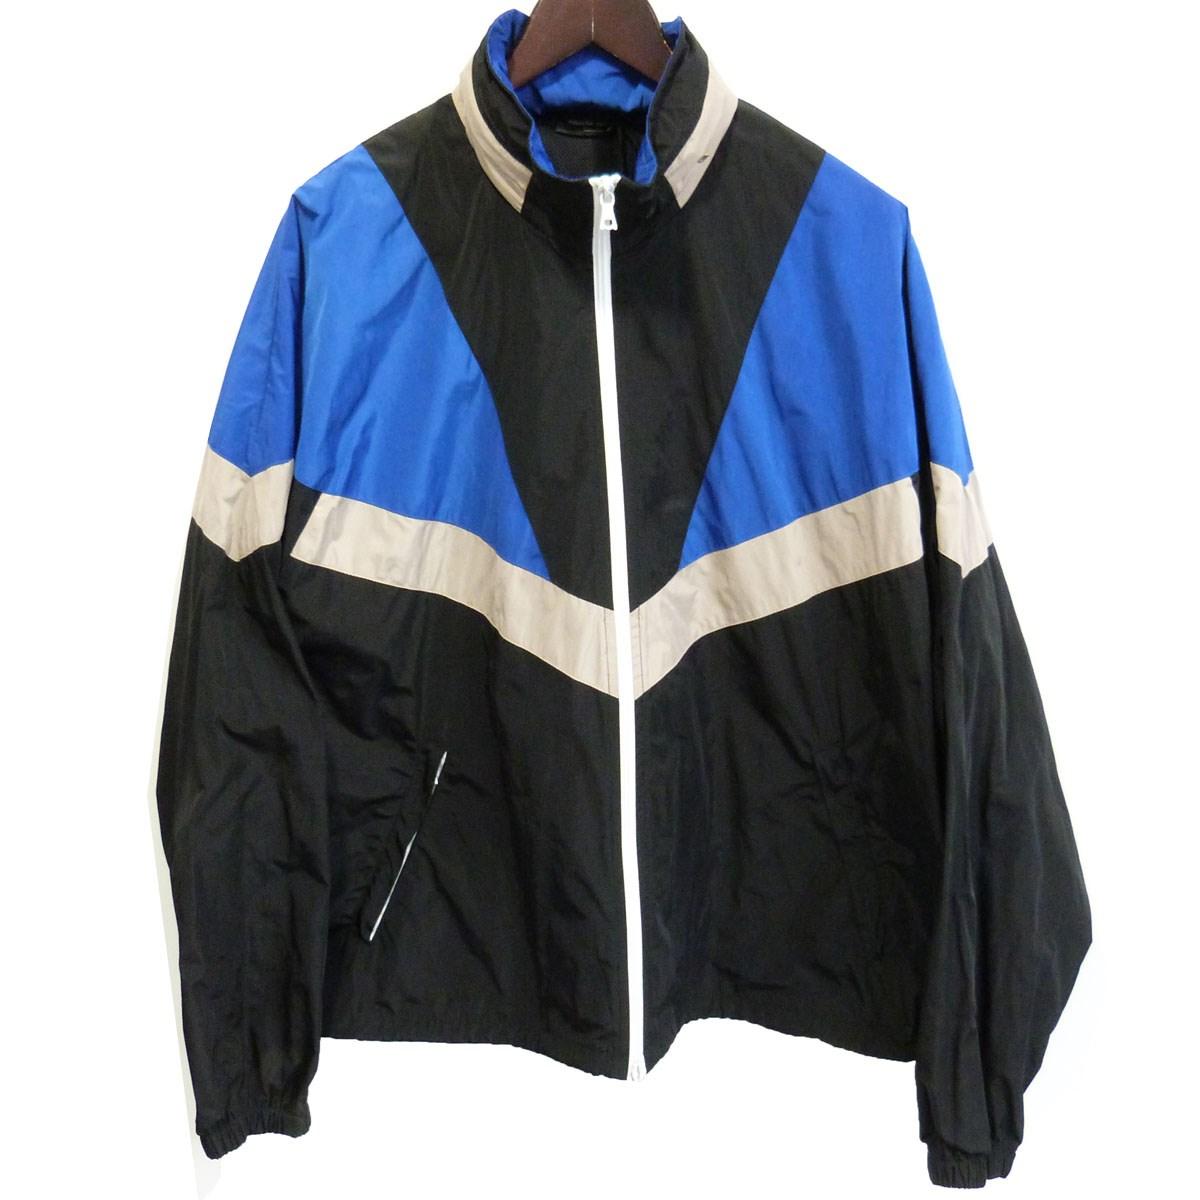 【中古】ROBERTO COLLINA 19SS ナイロンジャケット ブラック×ブルー サイズ:48 【140220】(ロベルトコリーナ)